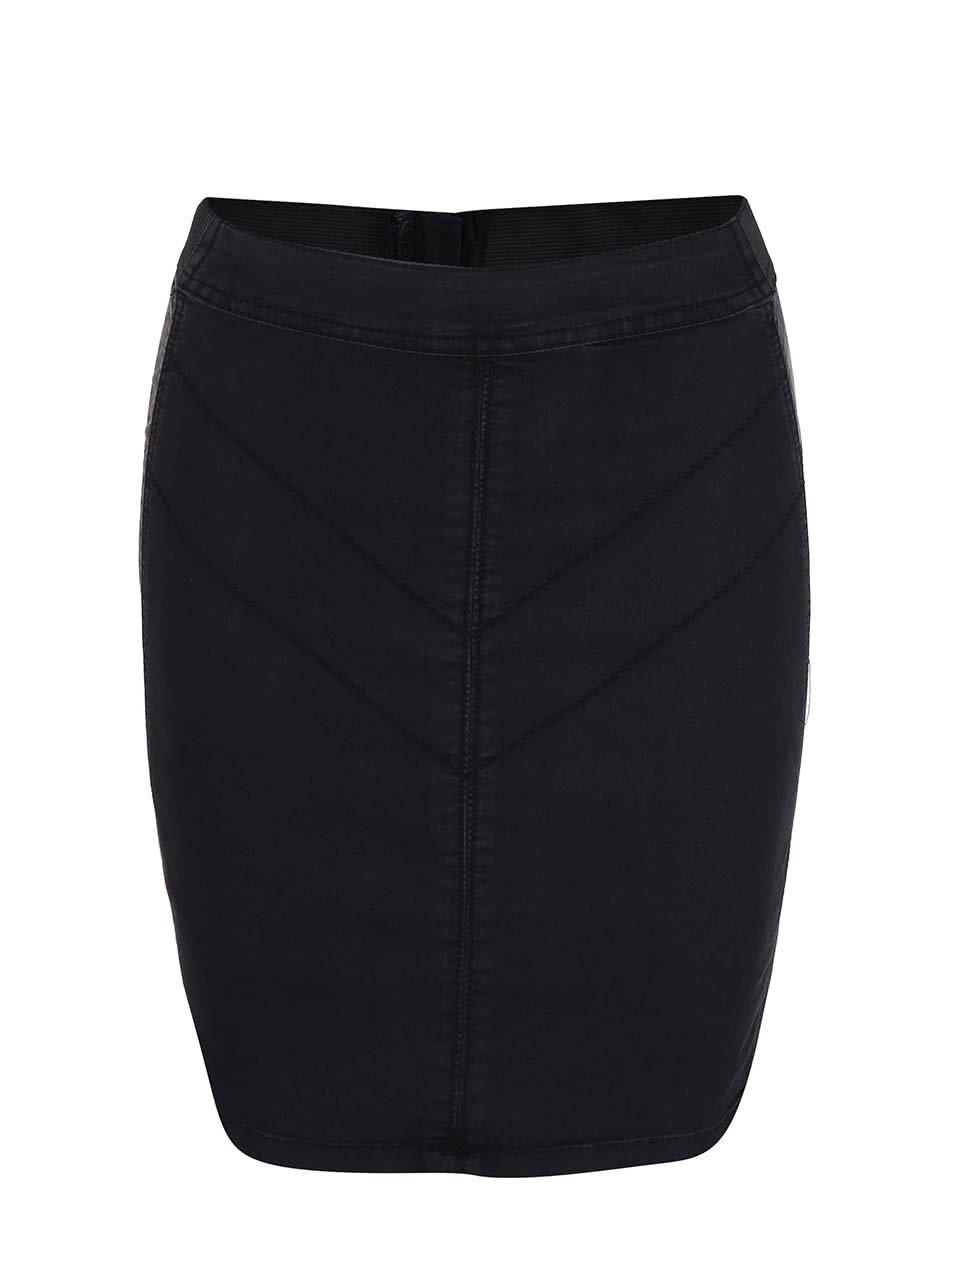 Černá pouzdrová sukně Desires Tino